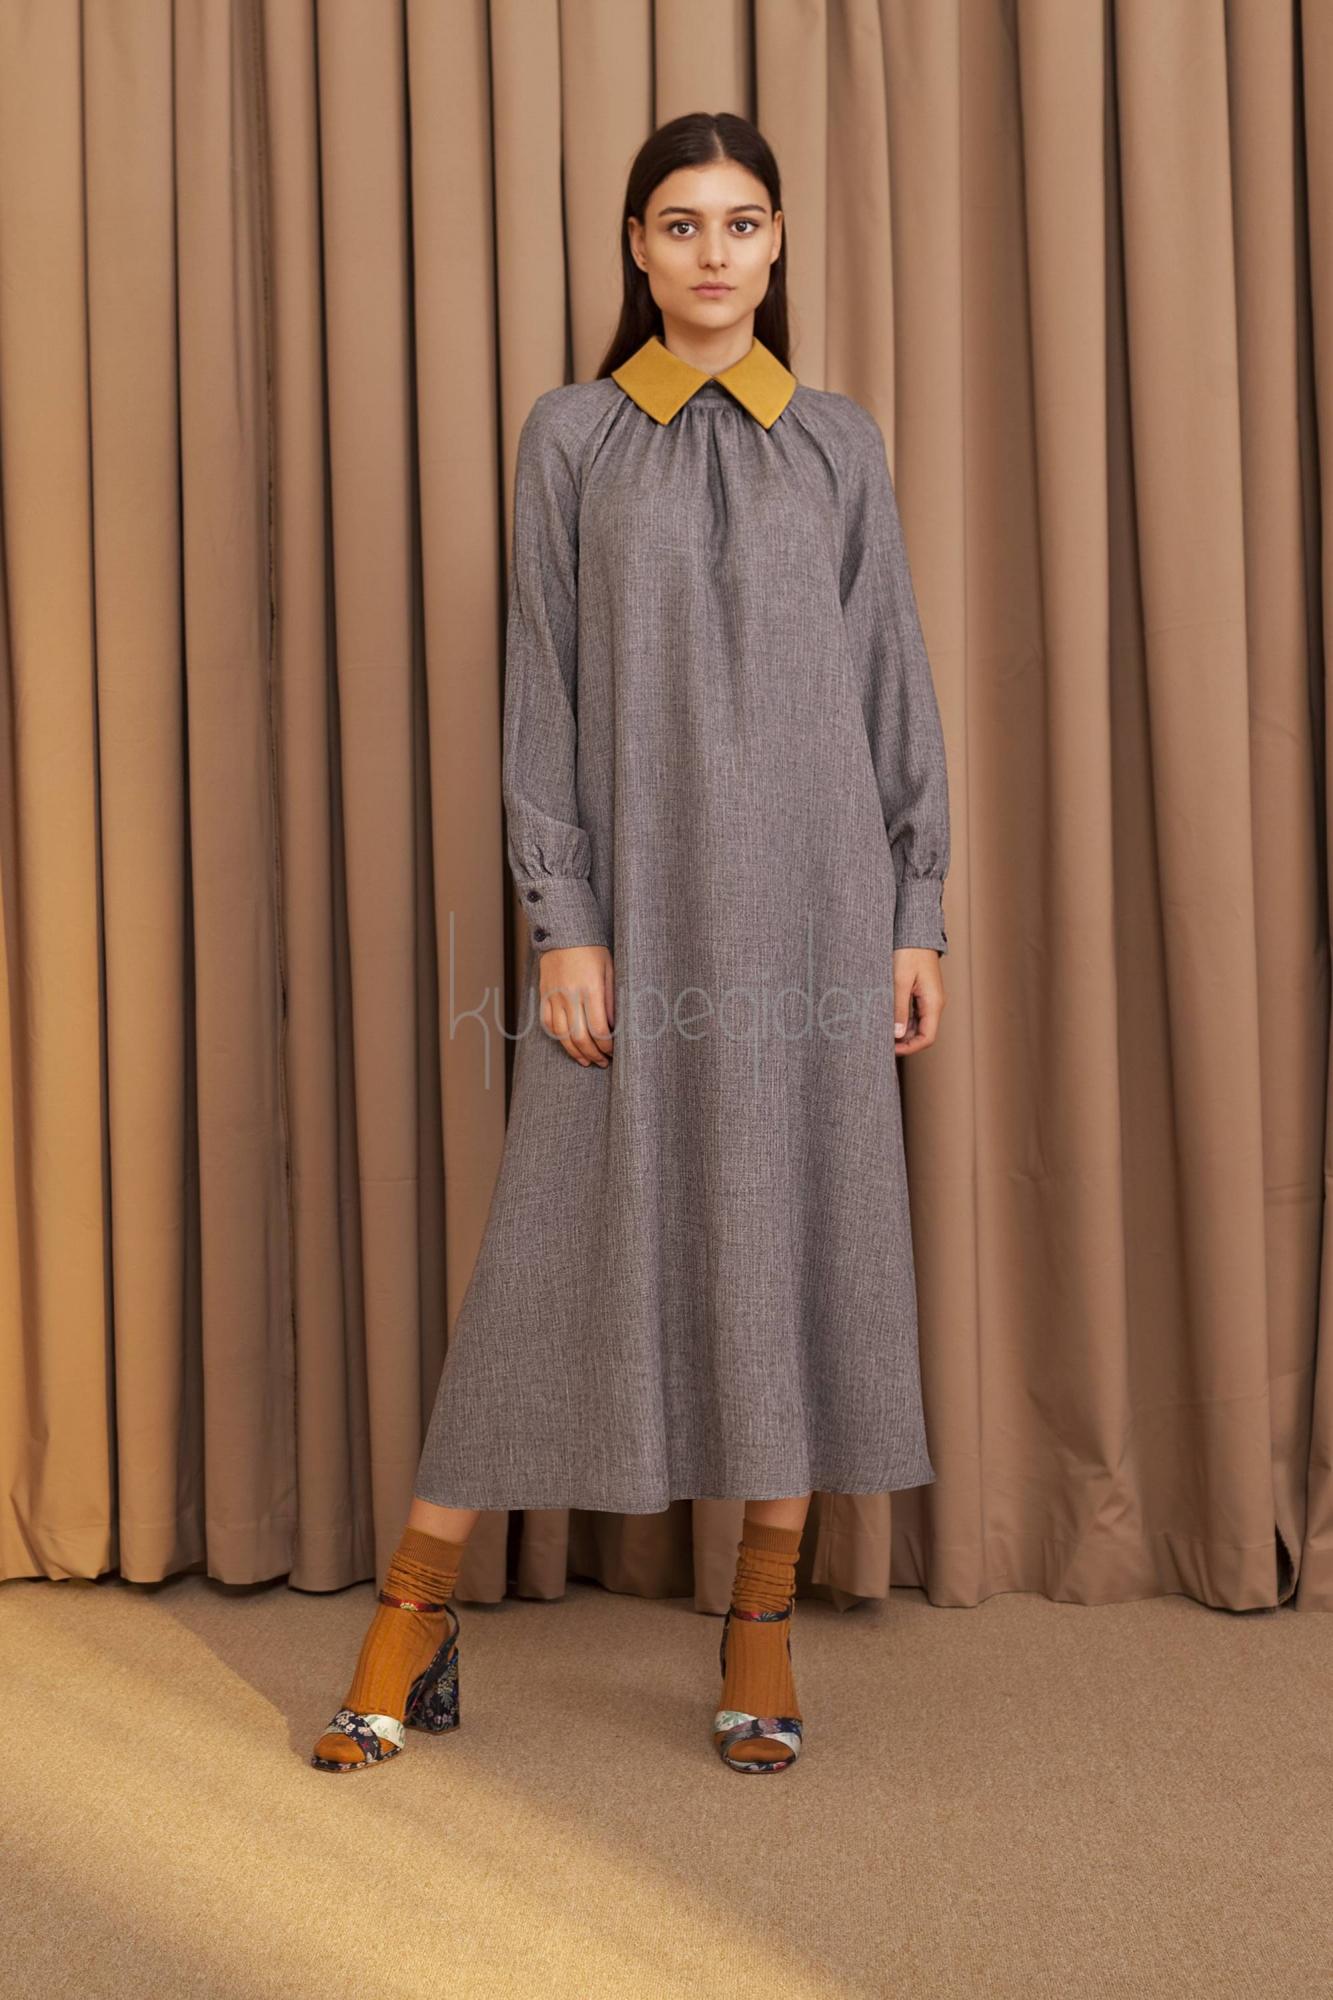 Kuaybe Gider - 2053 Elbise Gri